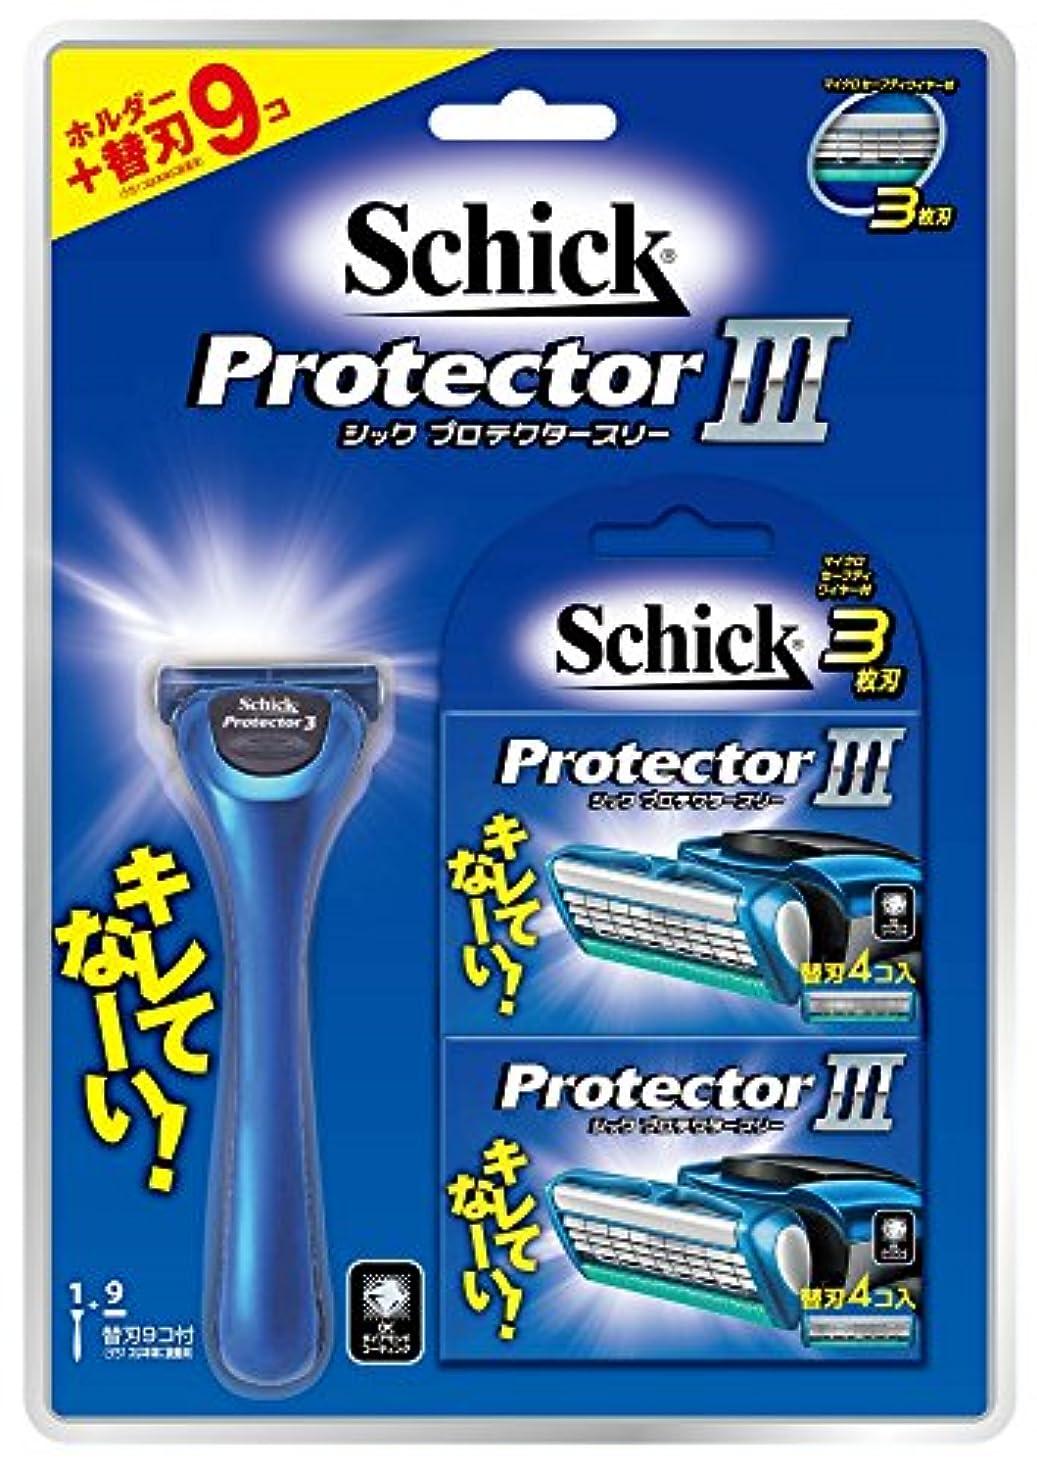 阻害する保護する軽くシック Schick 大容量 3枚刃 プロテクタースリー 替刃 9コ付 バリューパック ホルダー 本体付 男性カミソリ